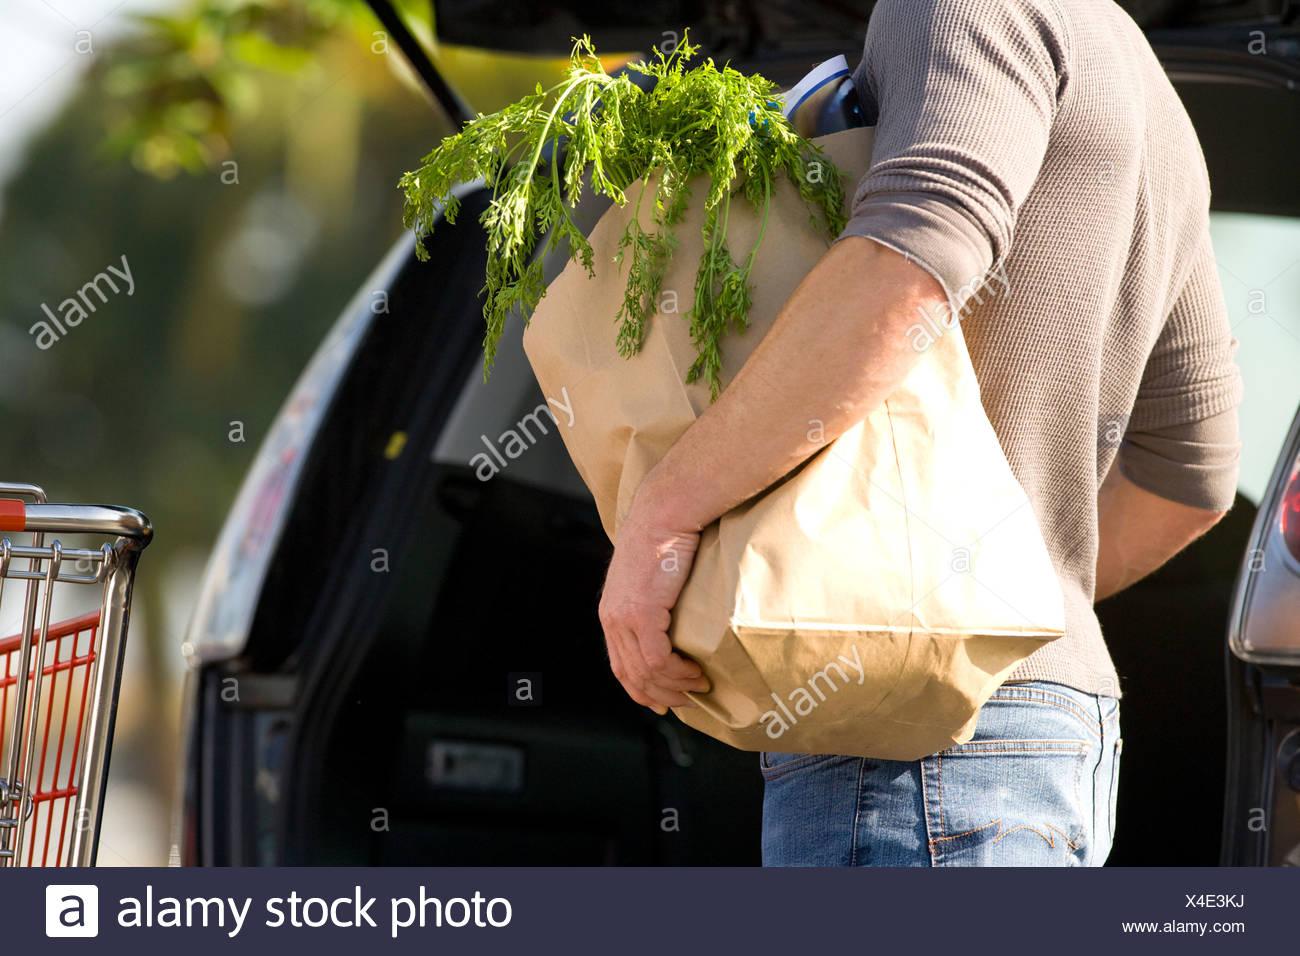 L'uomo il caricamento di generi alimentari nella parte posteriore della macchina Immagini Stock